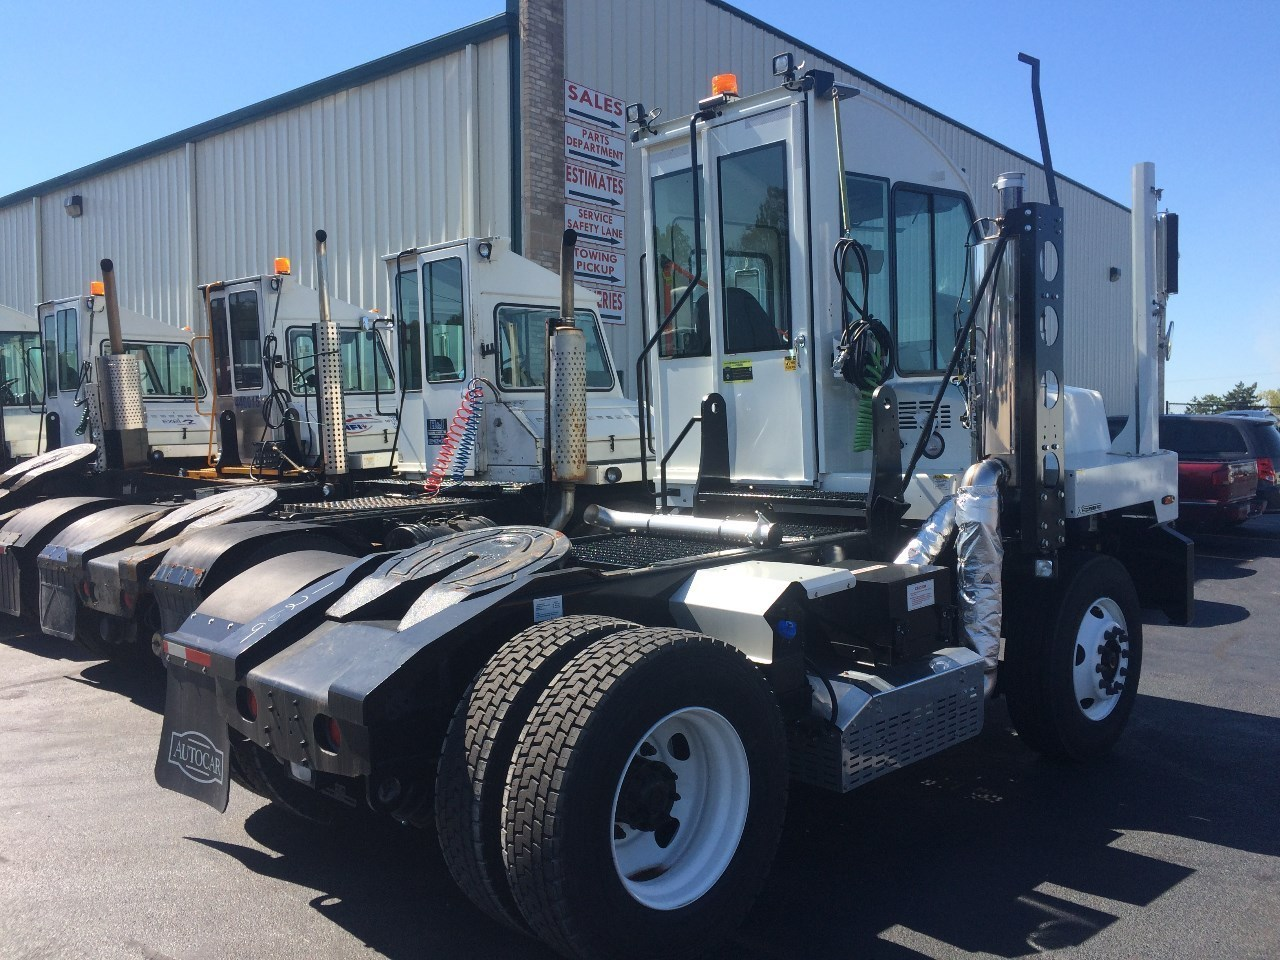 2017 Autocar Yard Tractor, Joliet IL - 117469805 ...